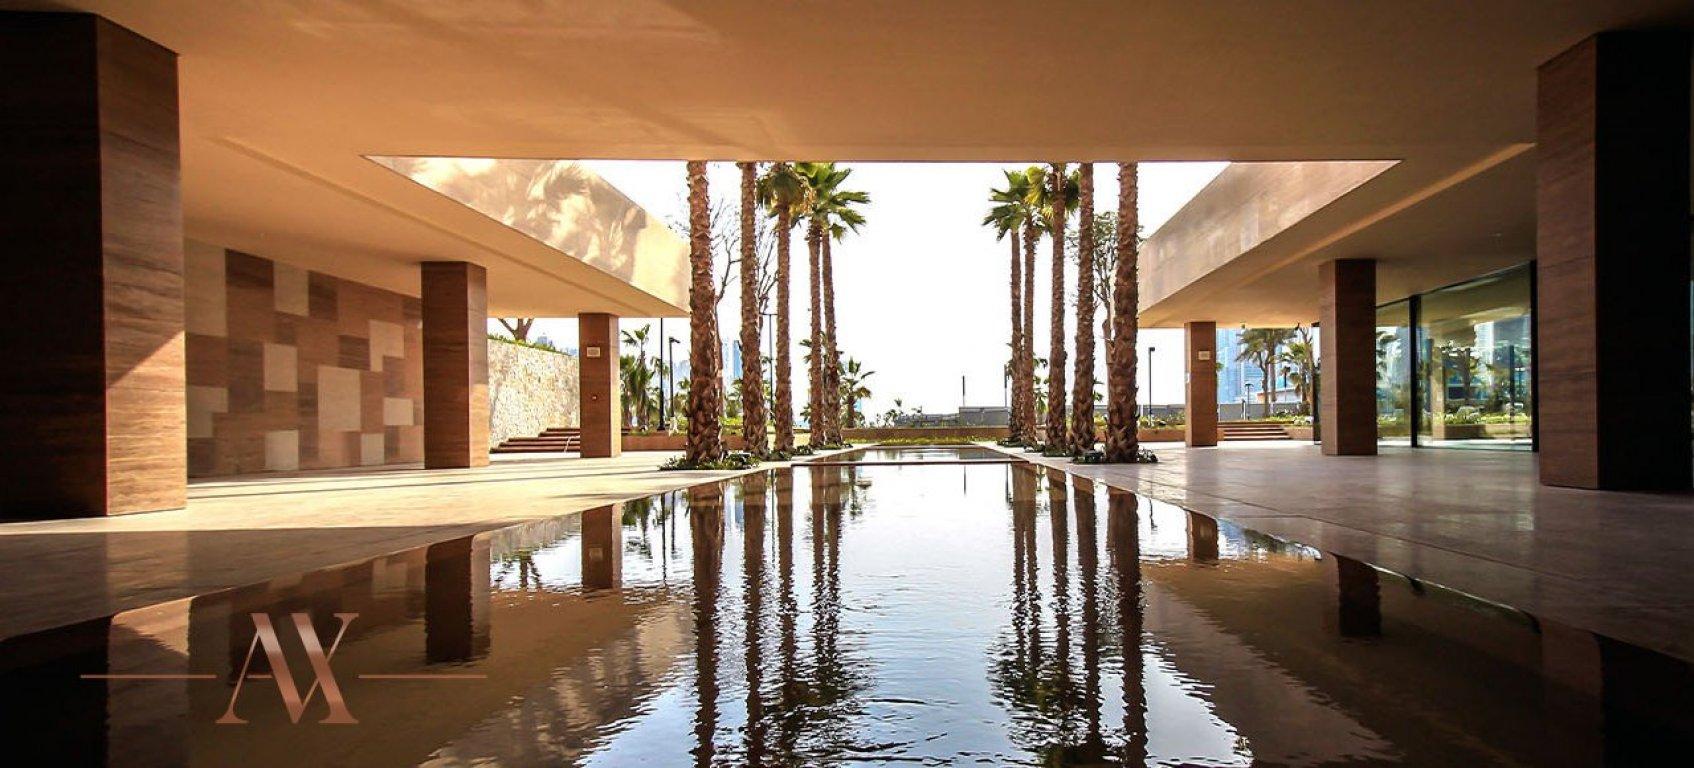 Duplex for sale in Dubai, UAE, 5 bedrooms, 1229 m2, No. 23823 – photo 7